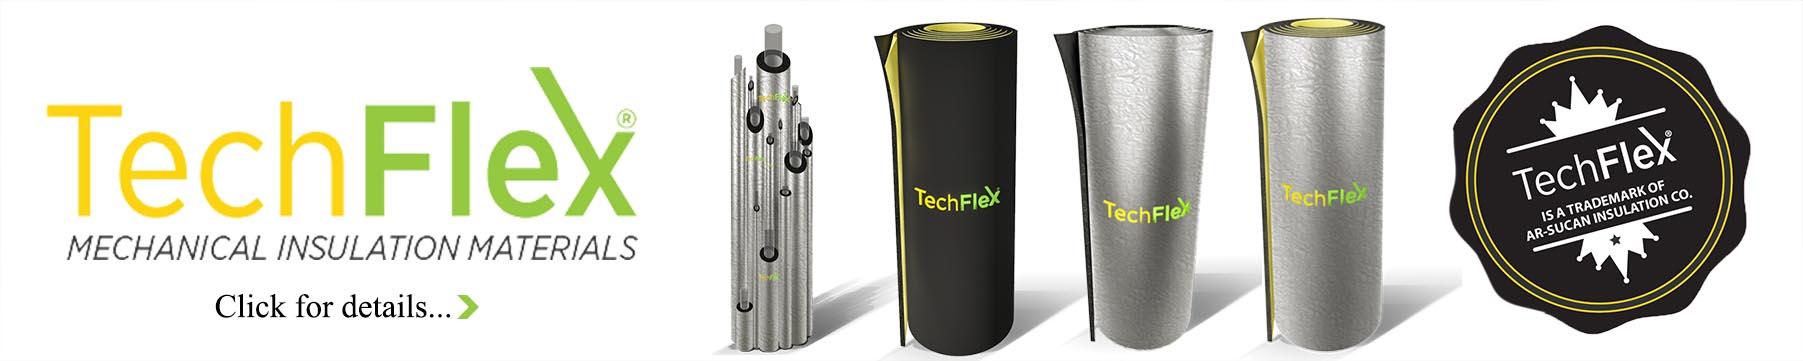 techflex bir arsucan izolasyon markasıdır